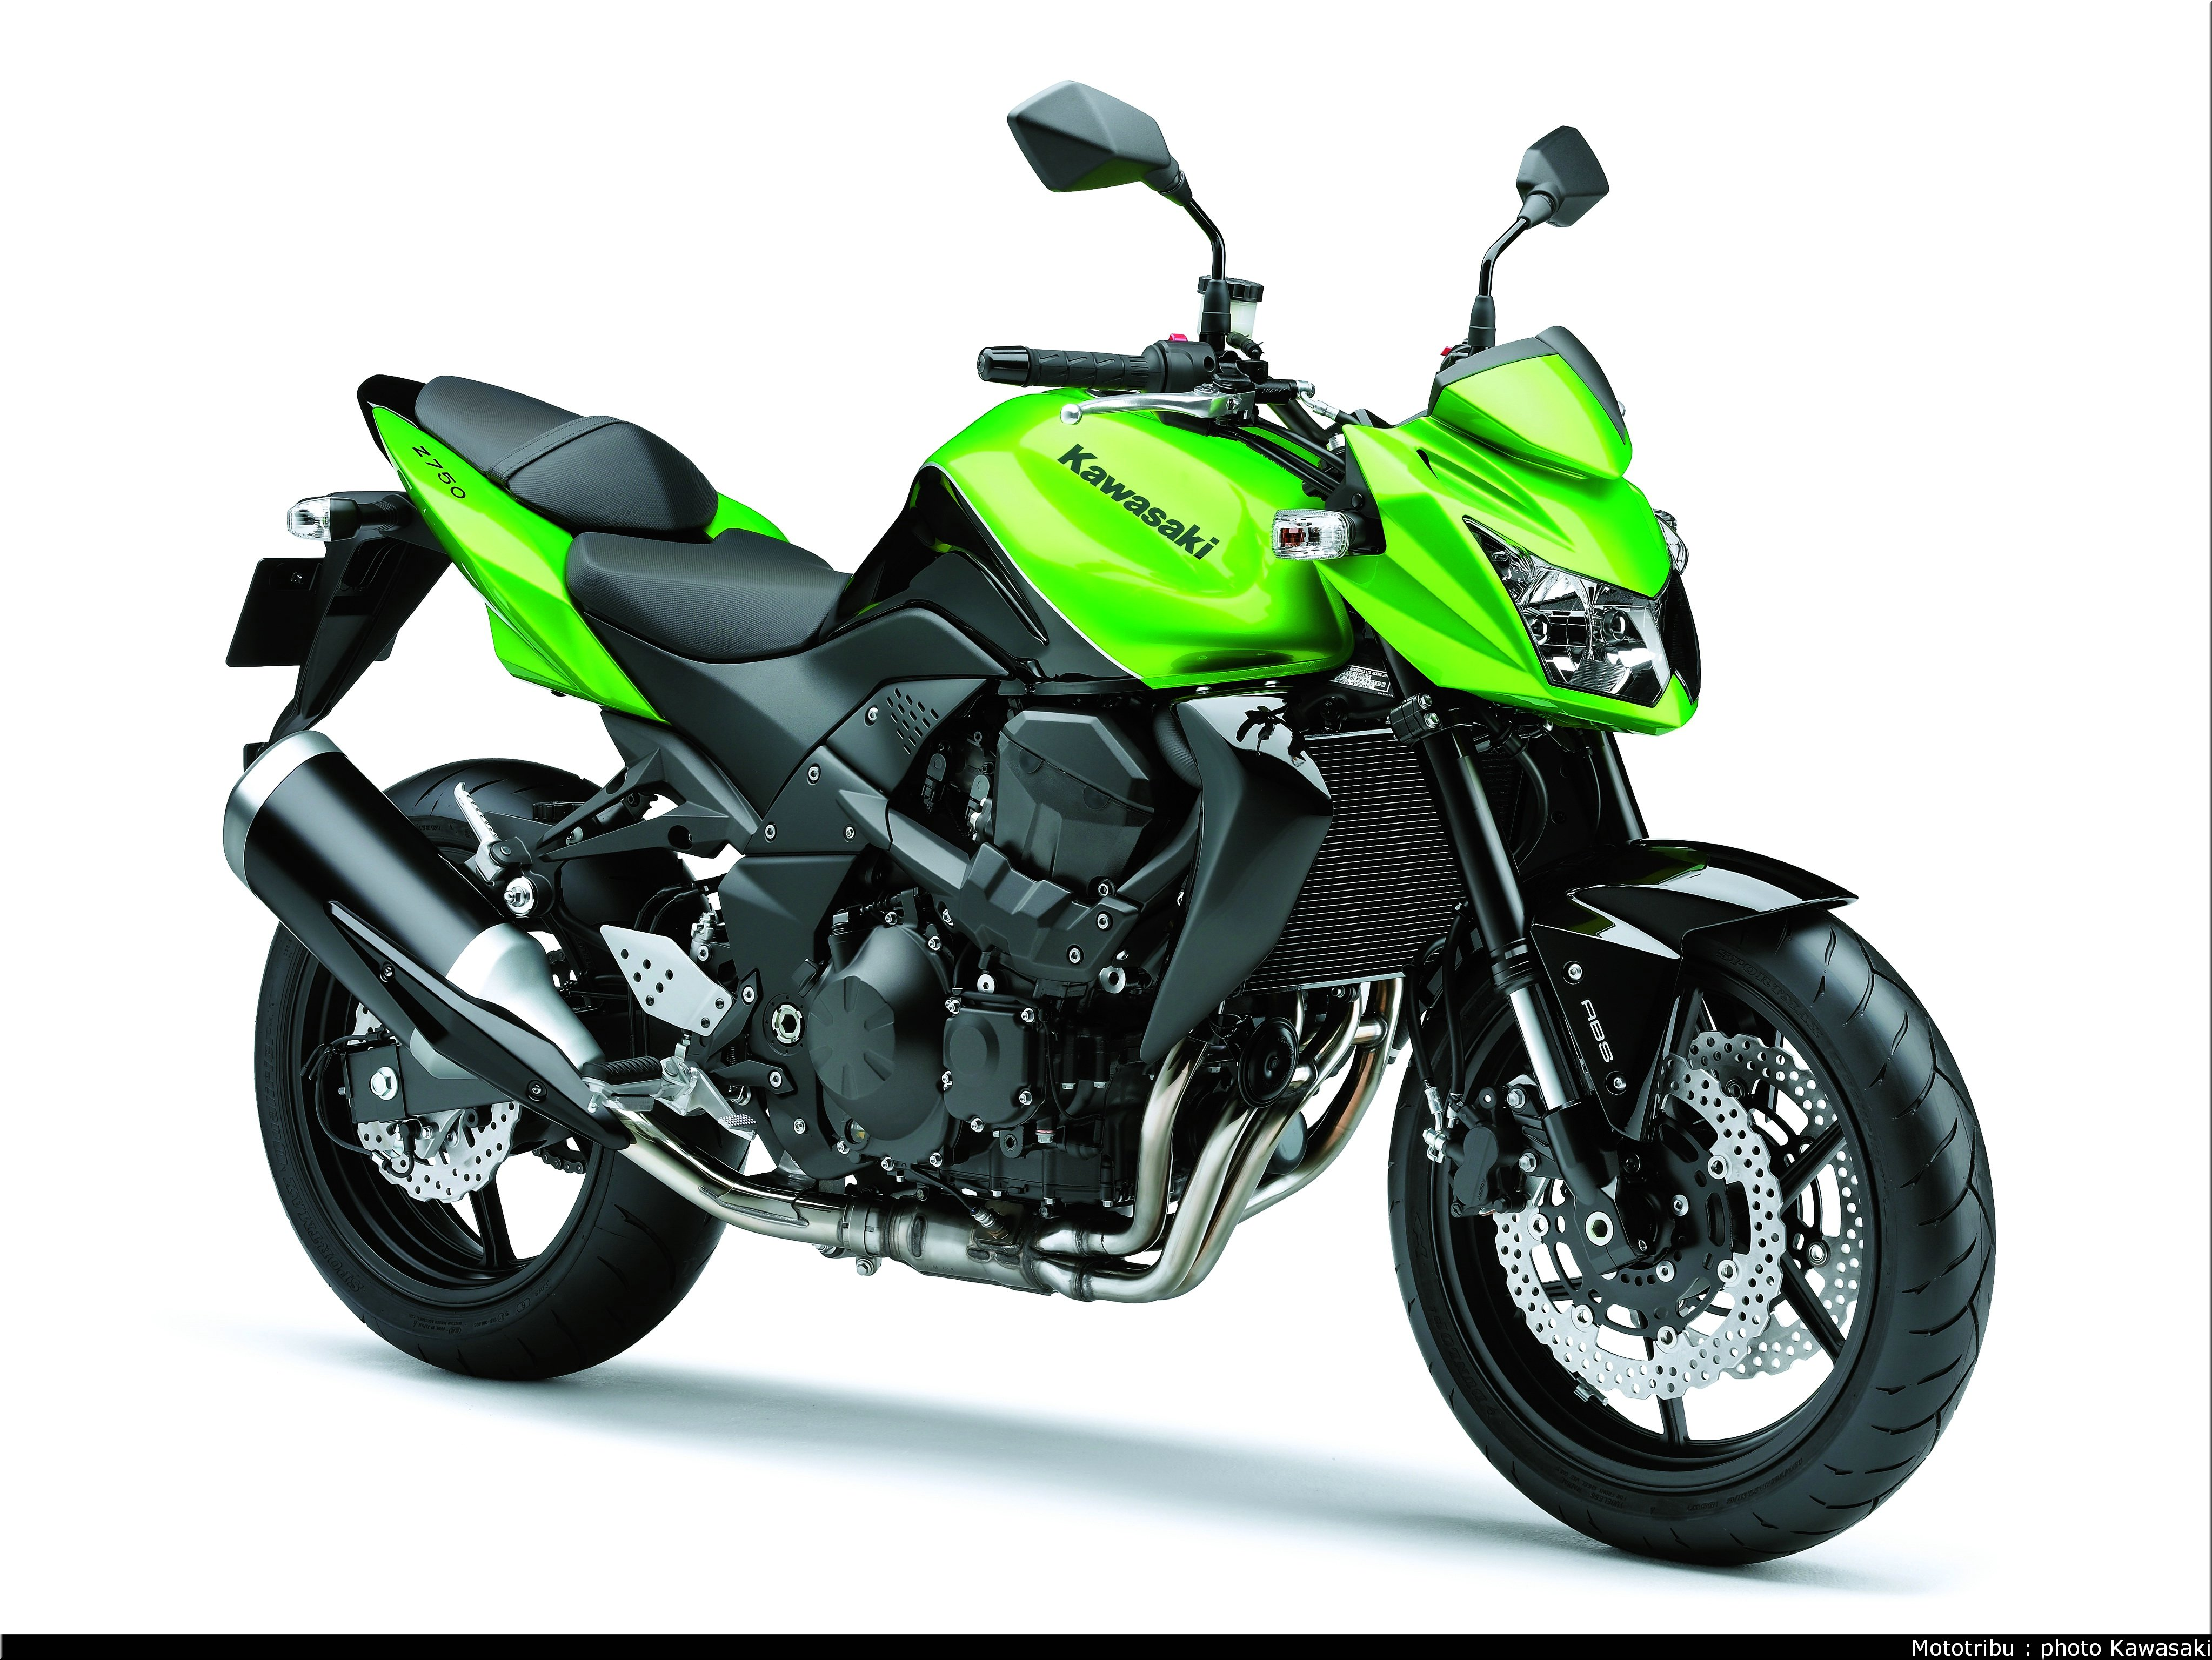 Mototribu : Kawasaki Z 750 2009